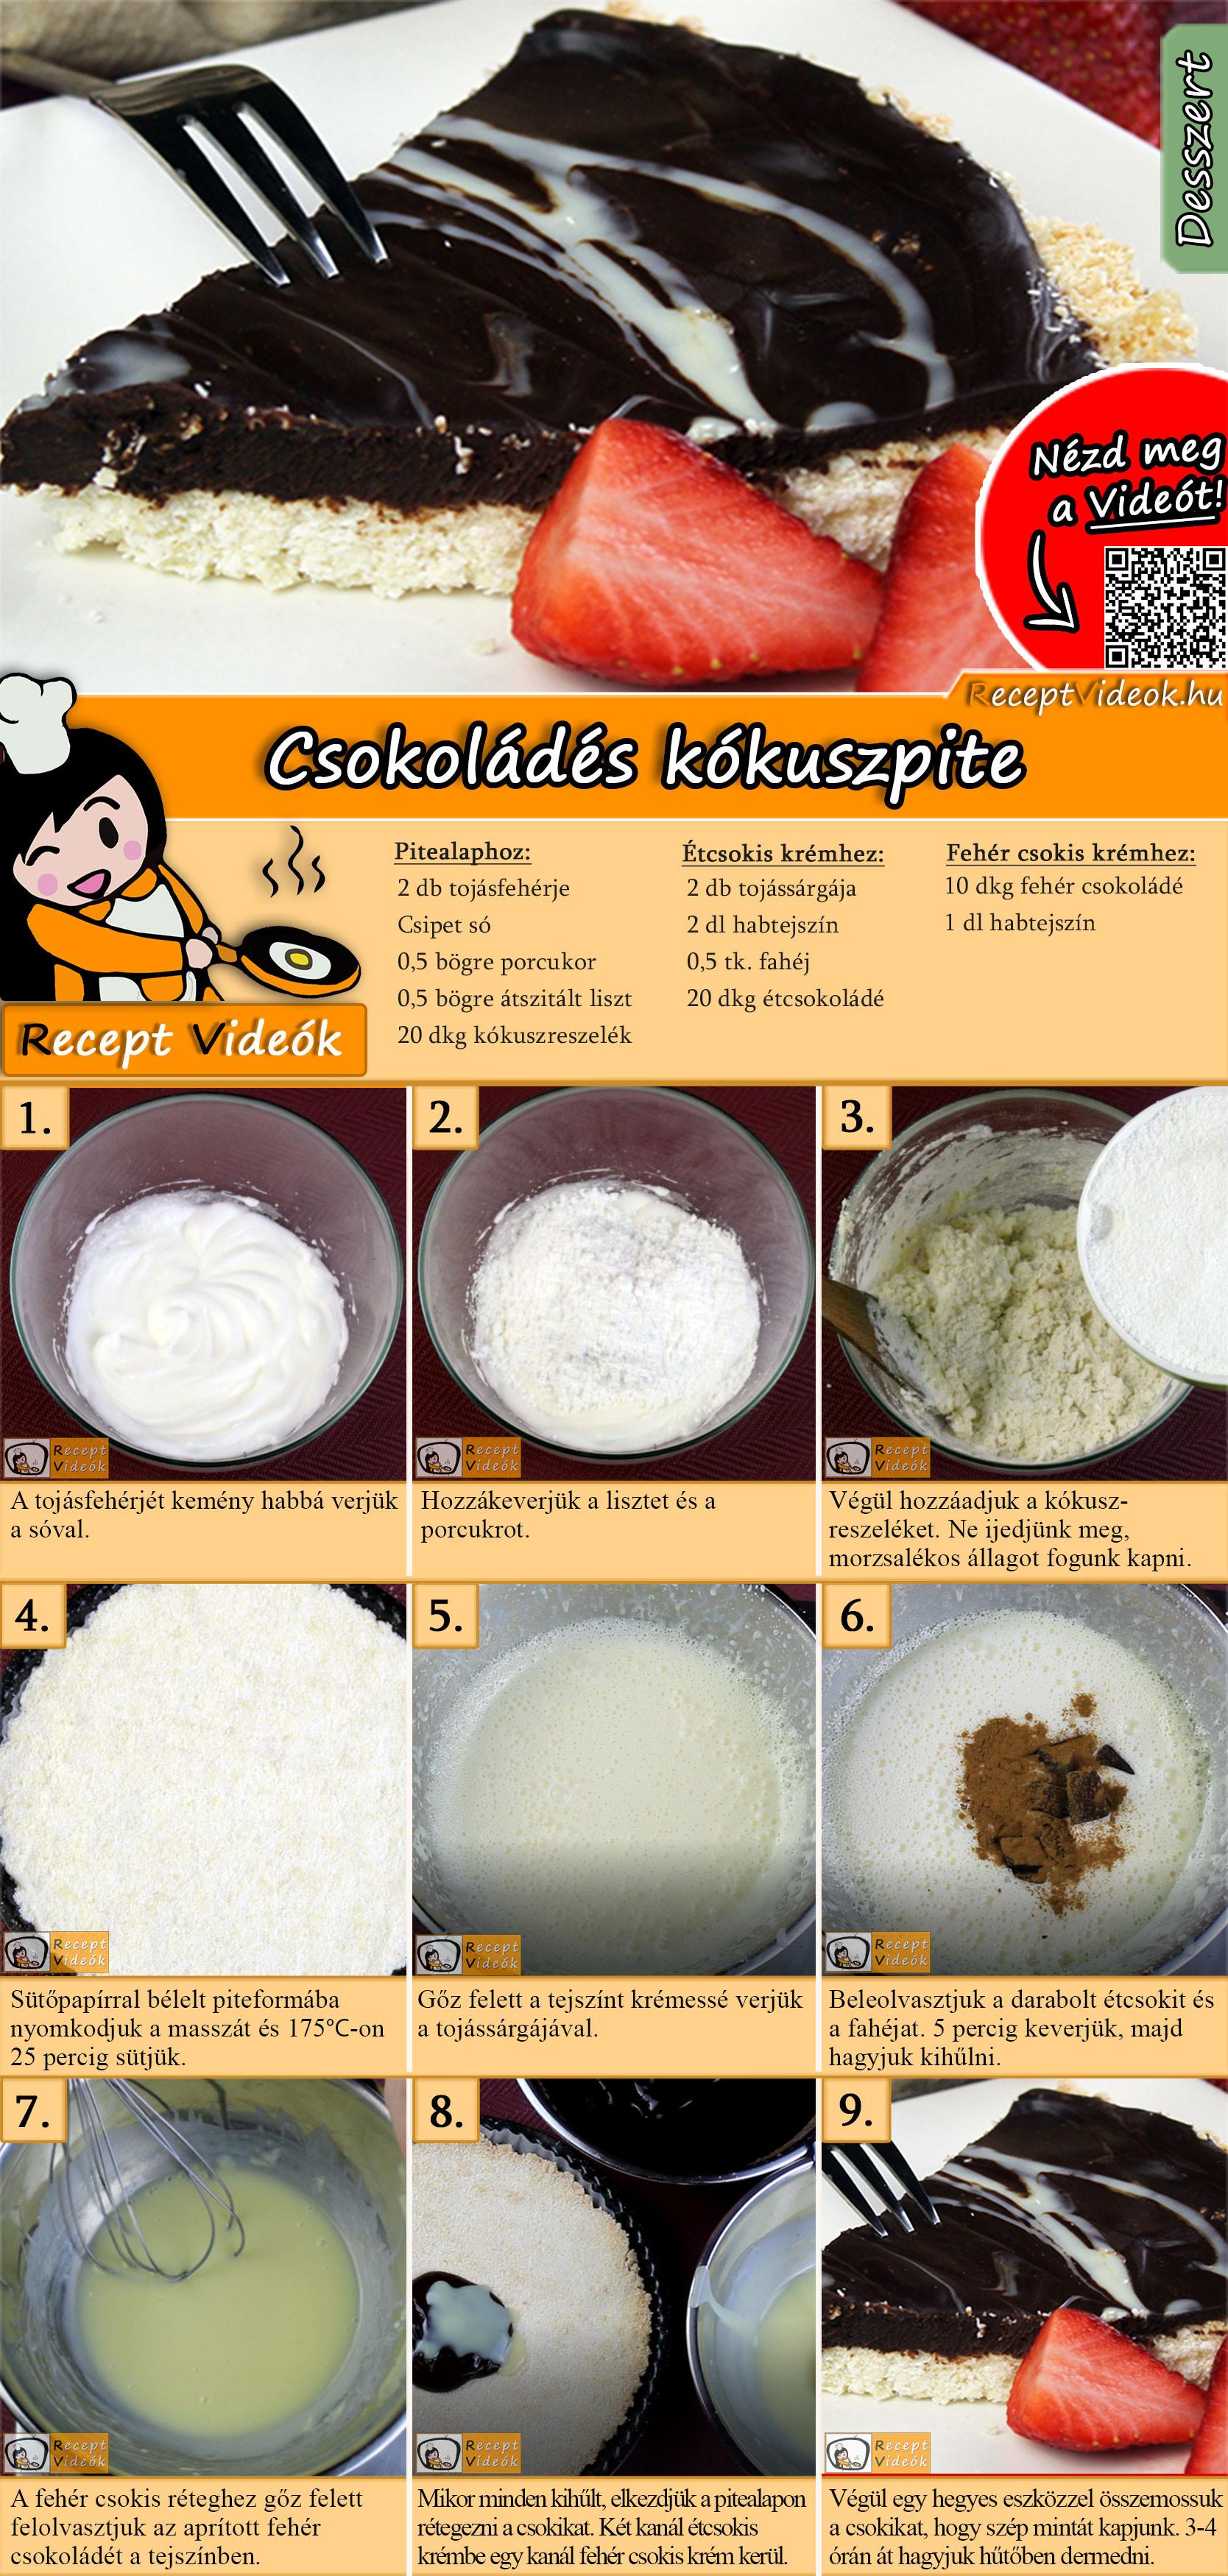 Csokoládés kókuszpite recept elkészítése videóval